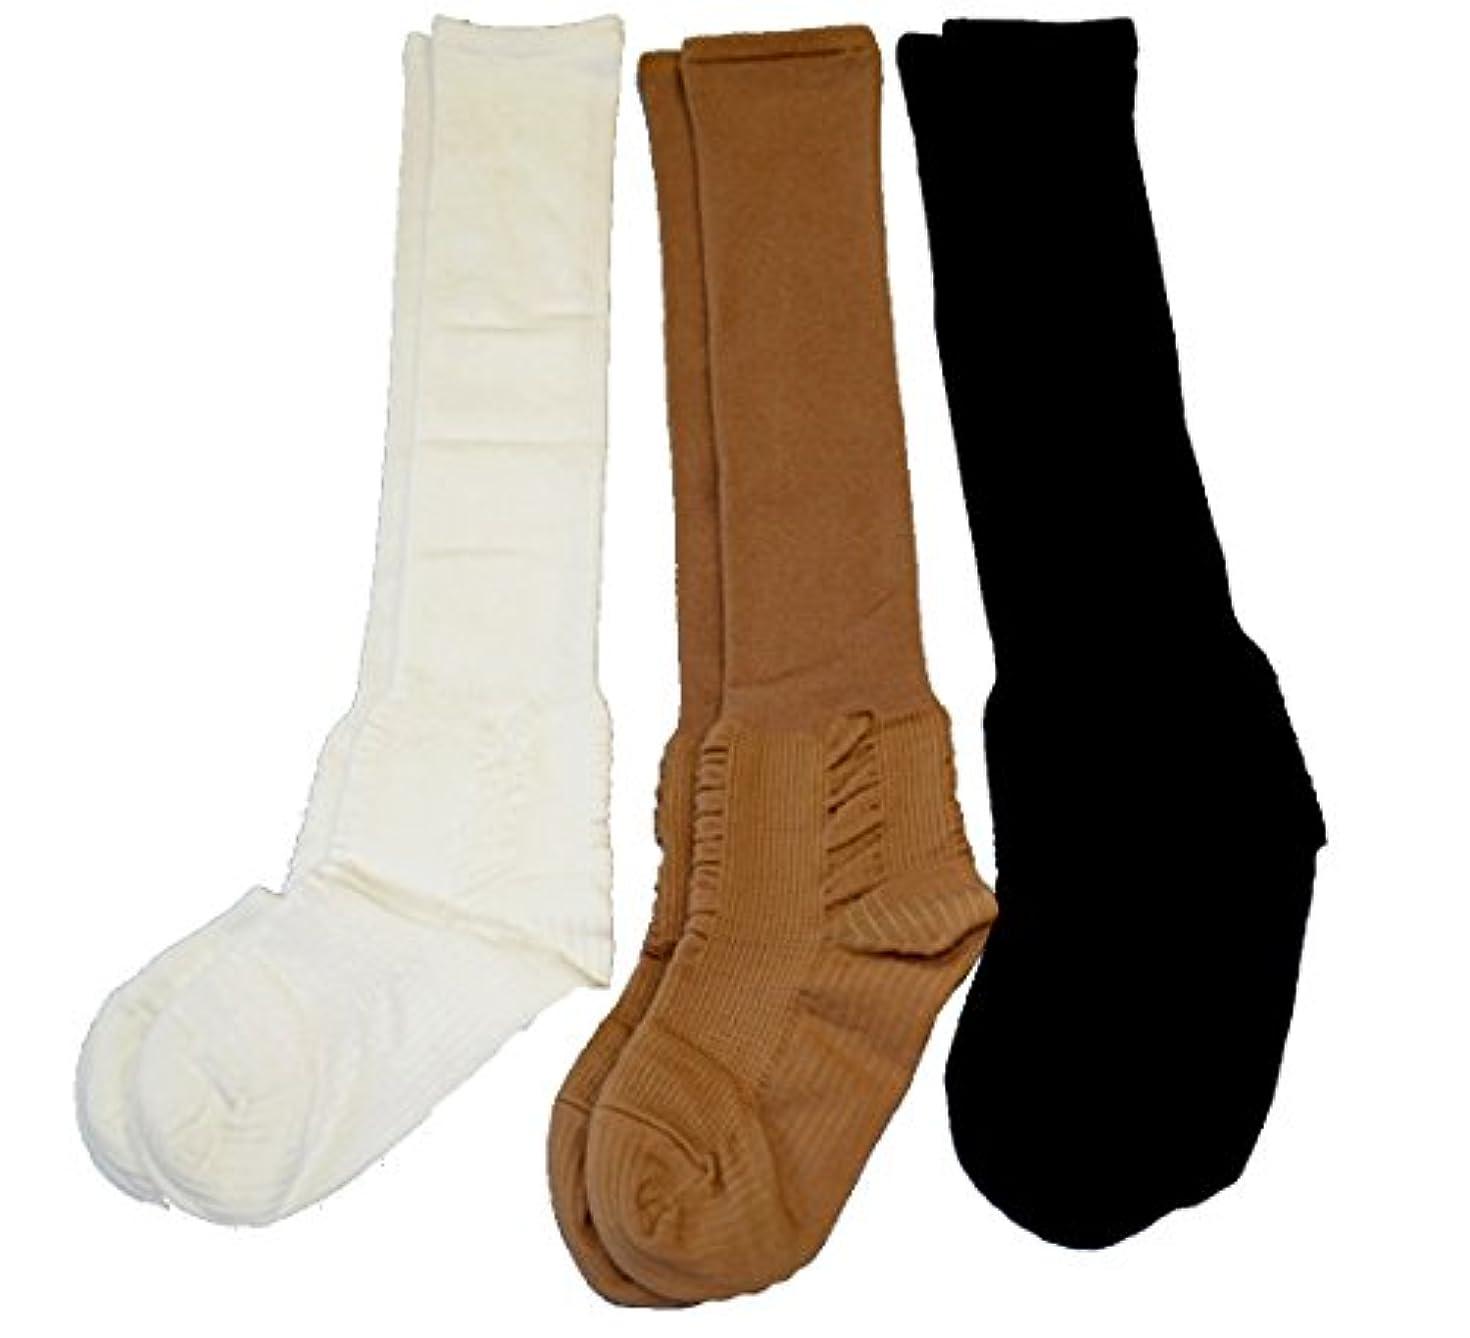 エミュレートする推測不従順むくみ対策靴下【一般医療機器コーポレーションパールスター】 (22~23cm, 黒)